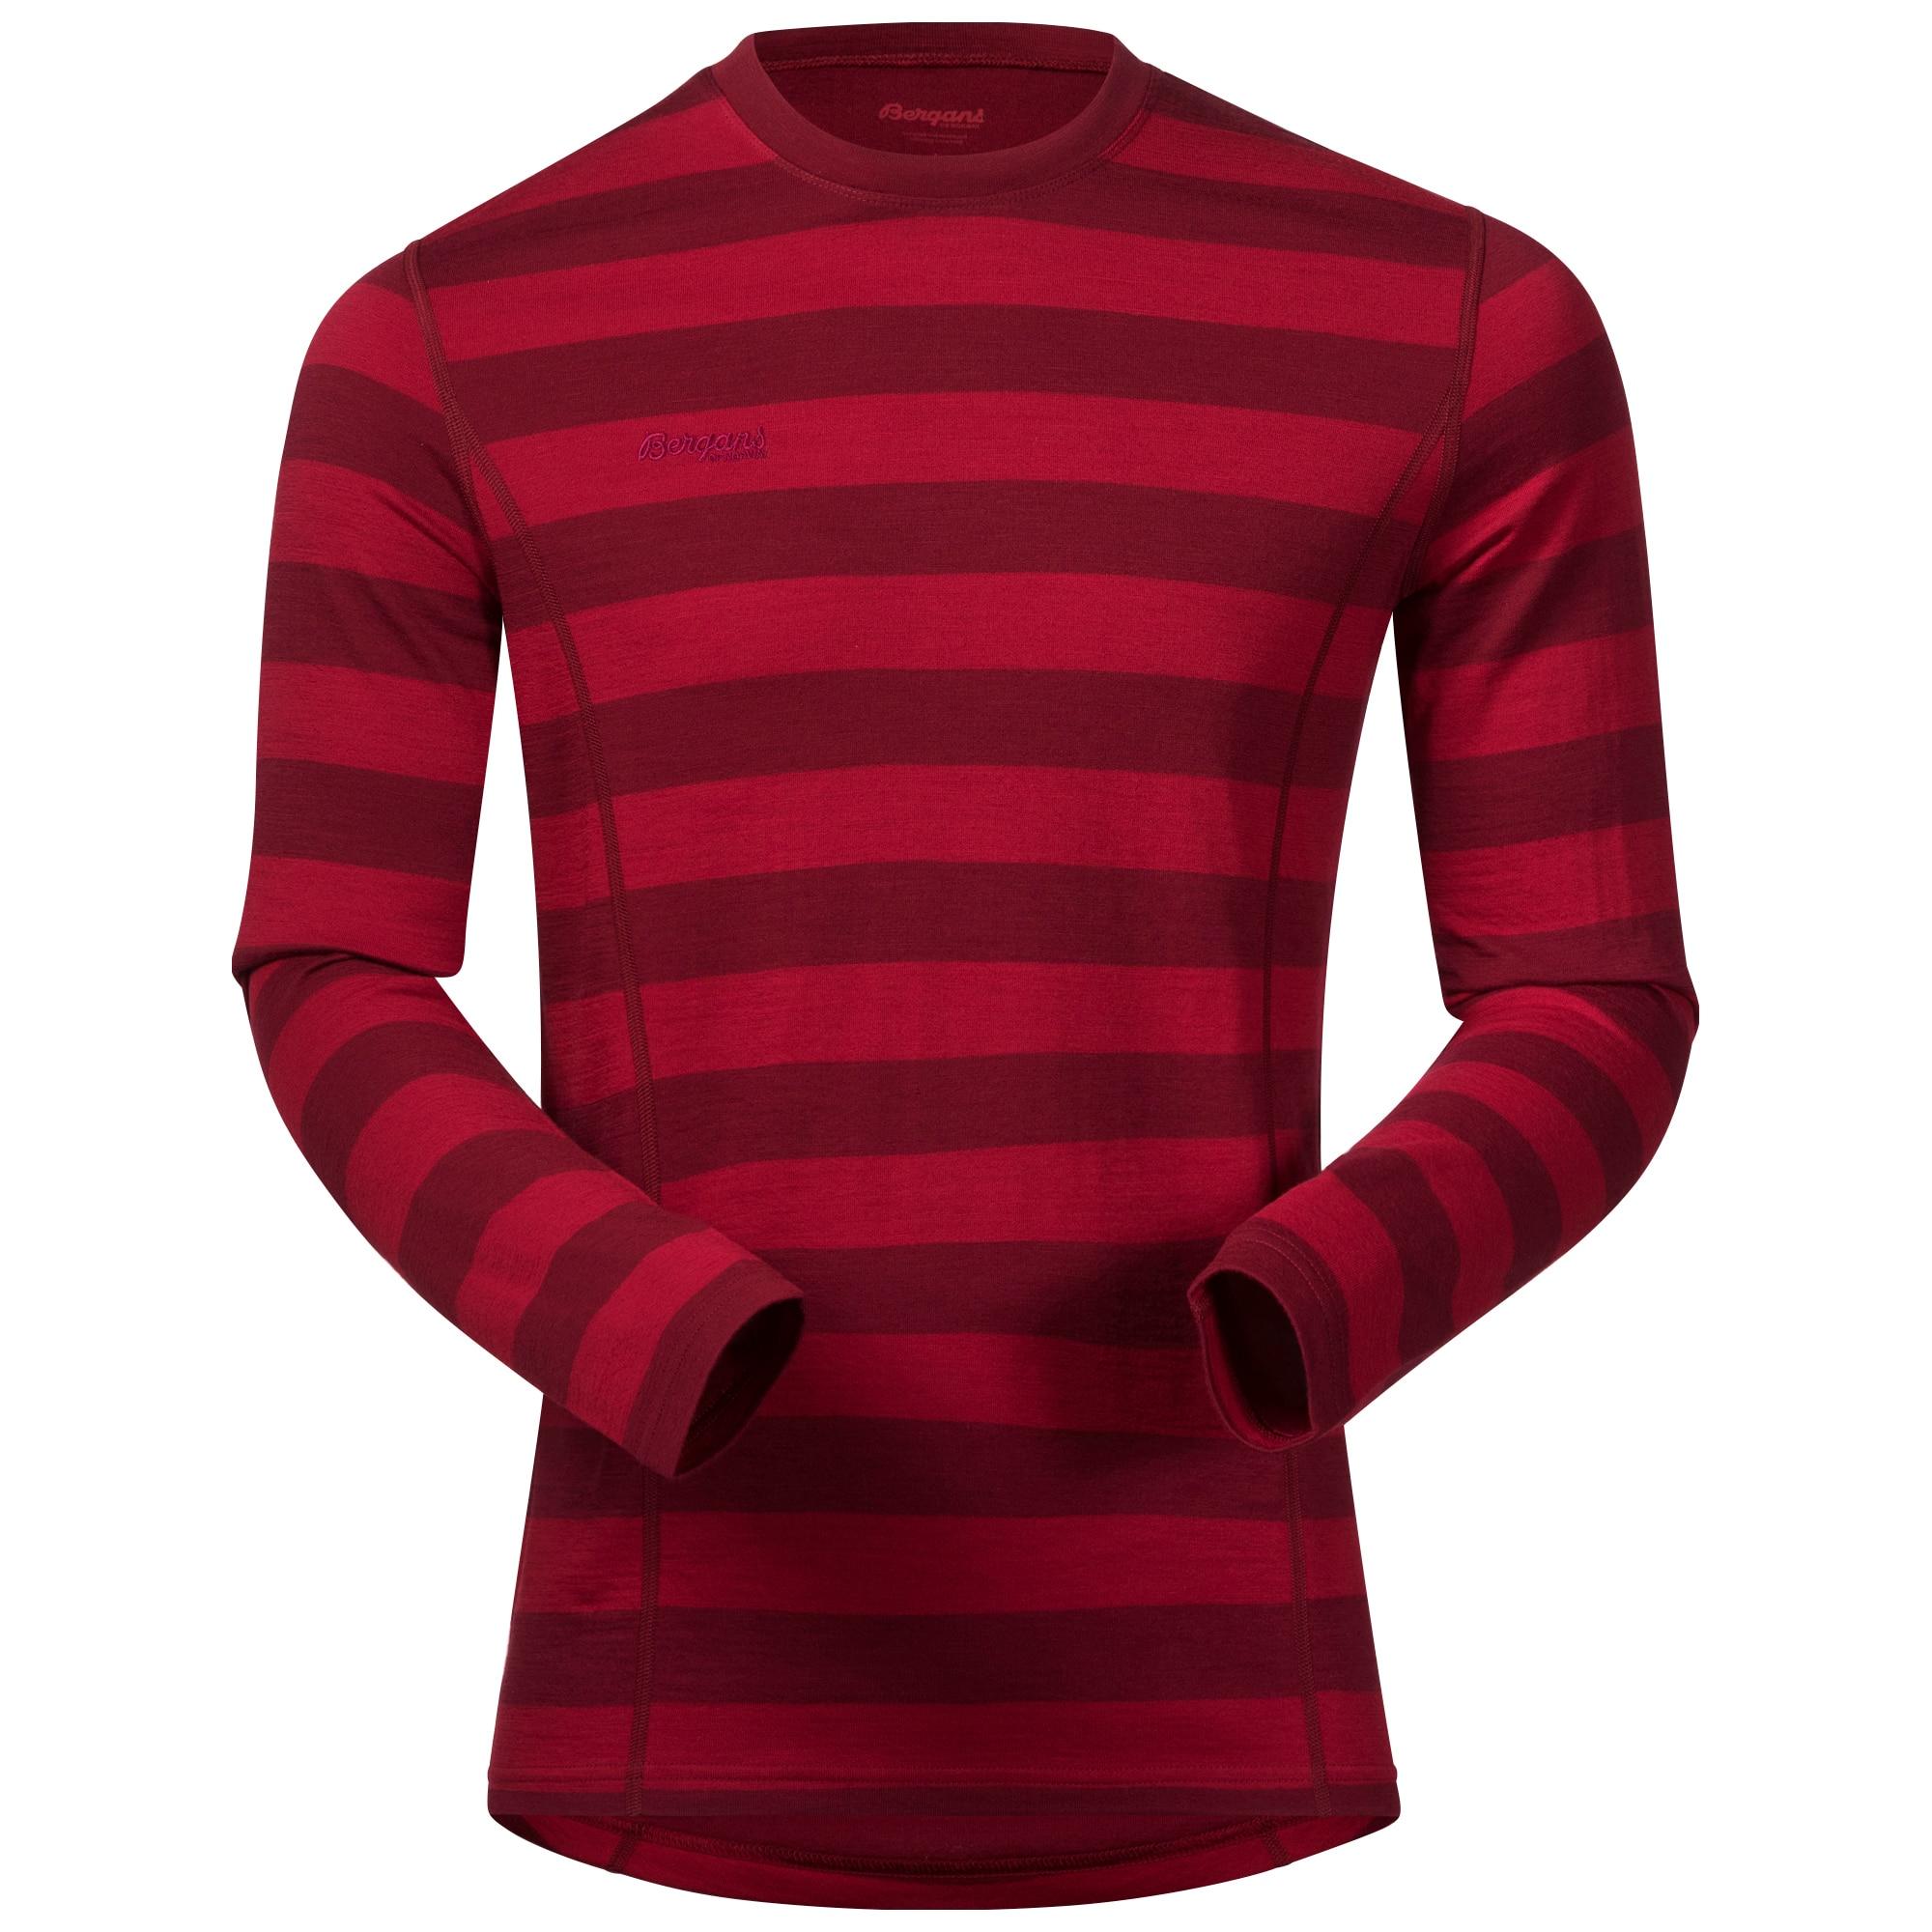 Akeleie Shirt